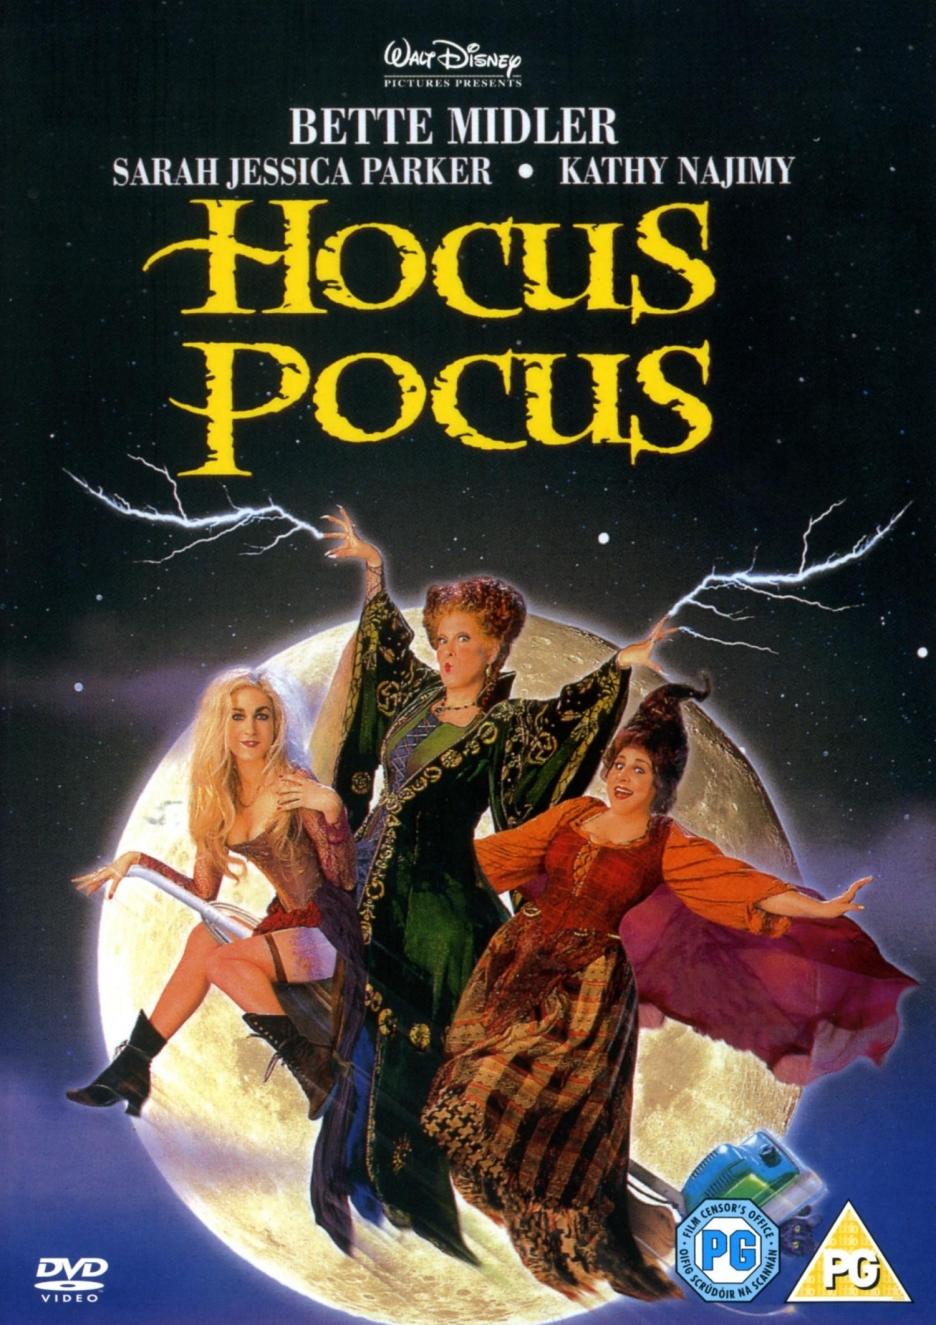 936full-hocus-pocus-poster